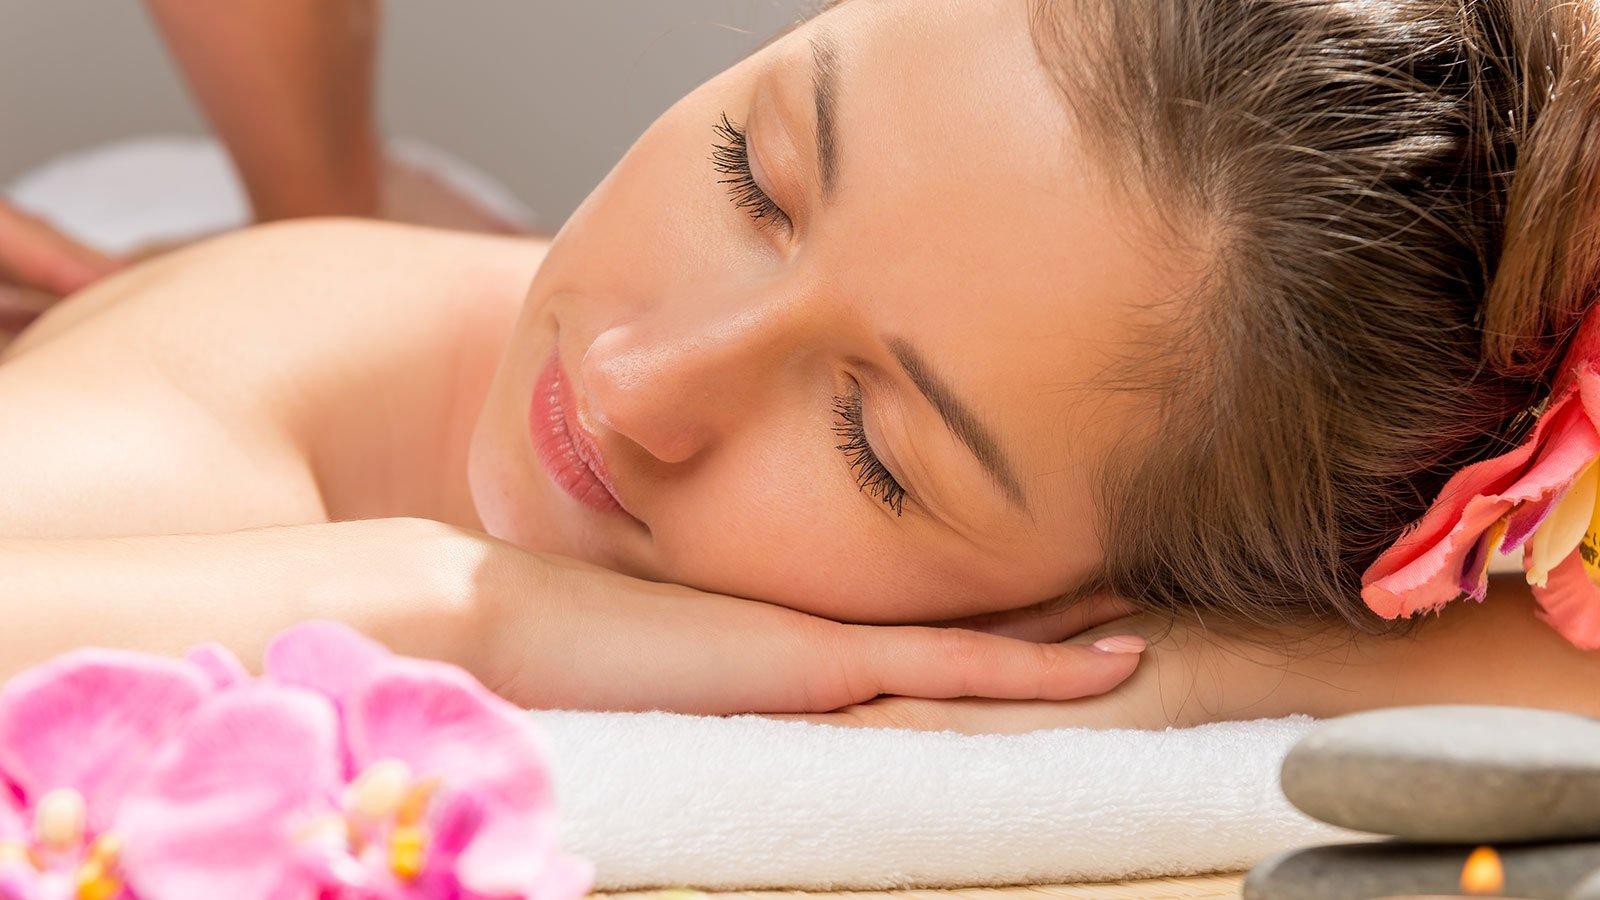 il viso di una donna sdraiata durante un massaggio